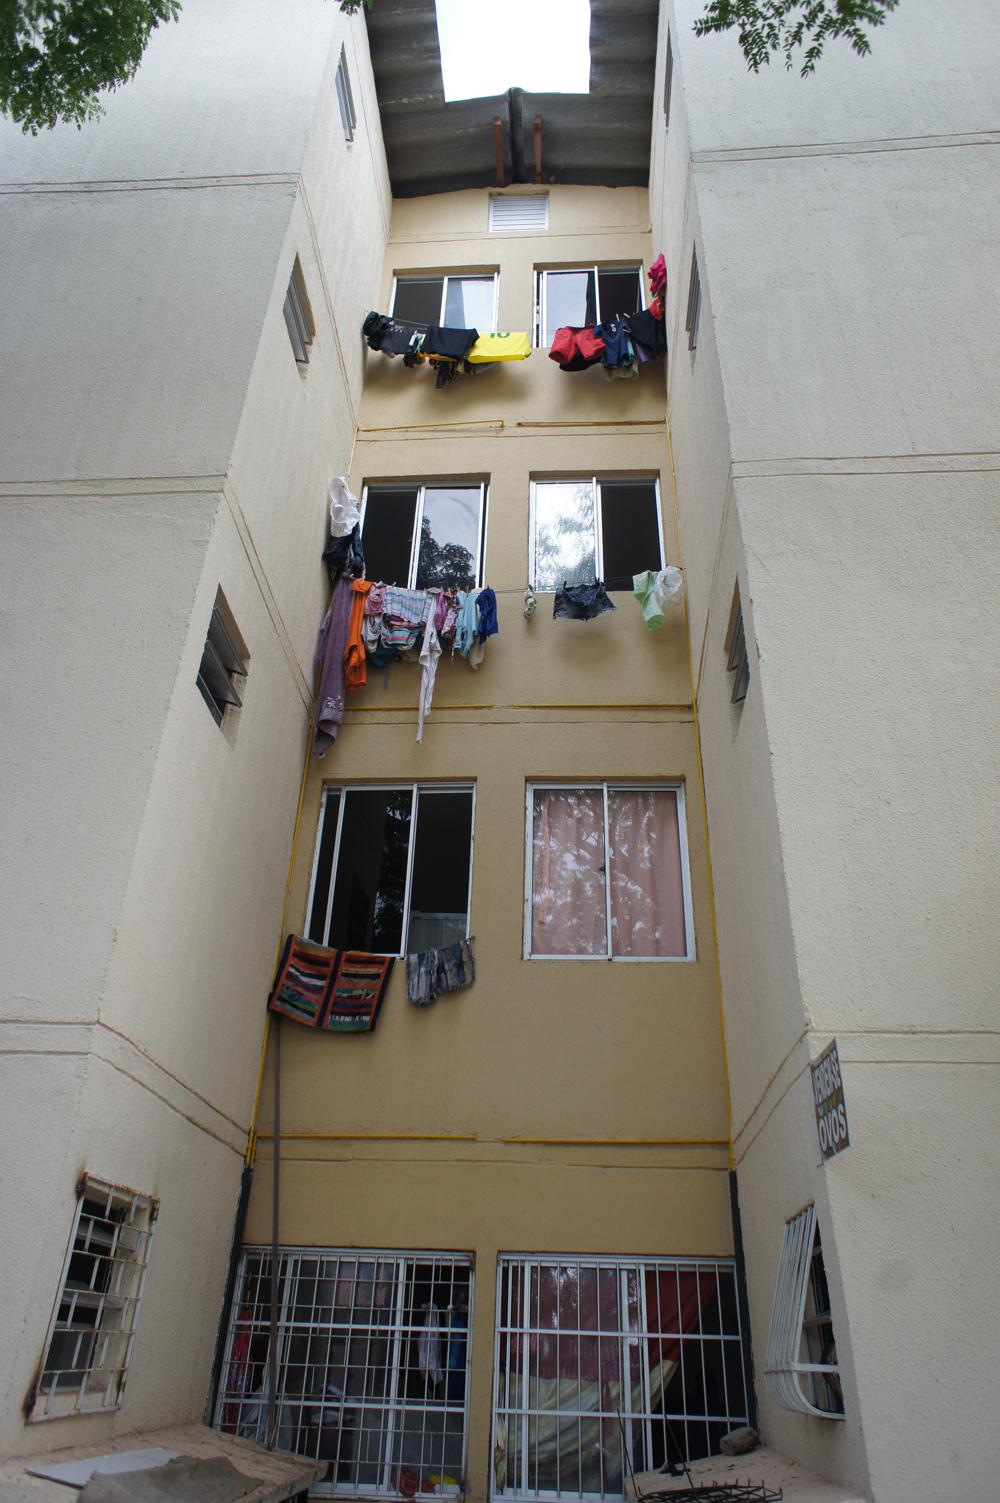 32 kvadratmeter er trangt - i mangel på plass til å tørke klær inne, pryder klesvasker alltid de gule fasadene. Foto: Astrid Fadnes